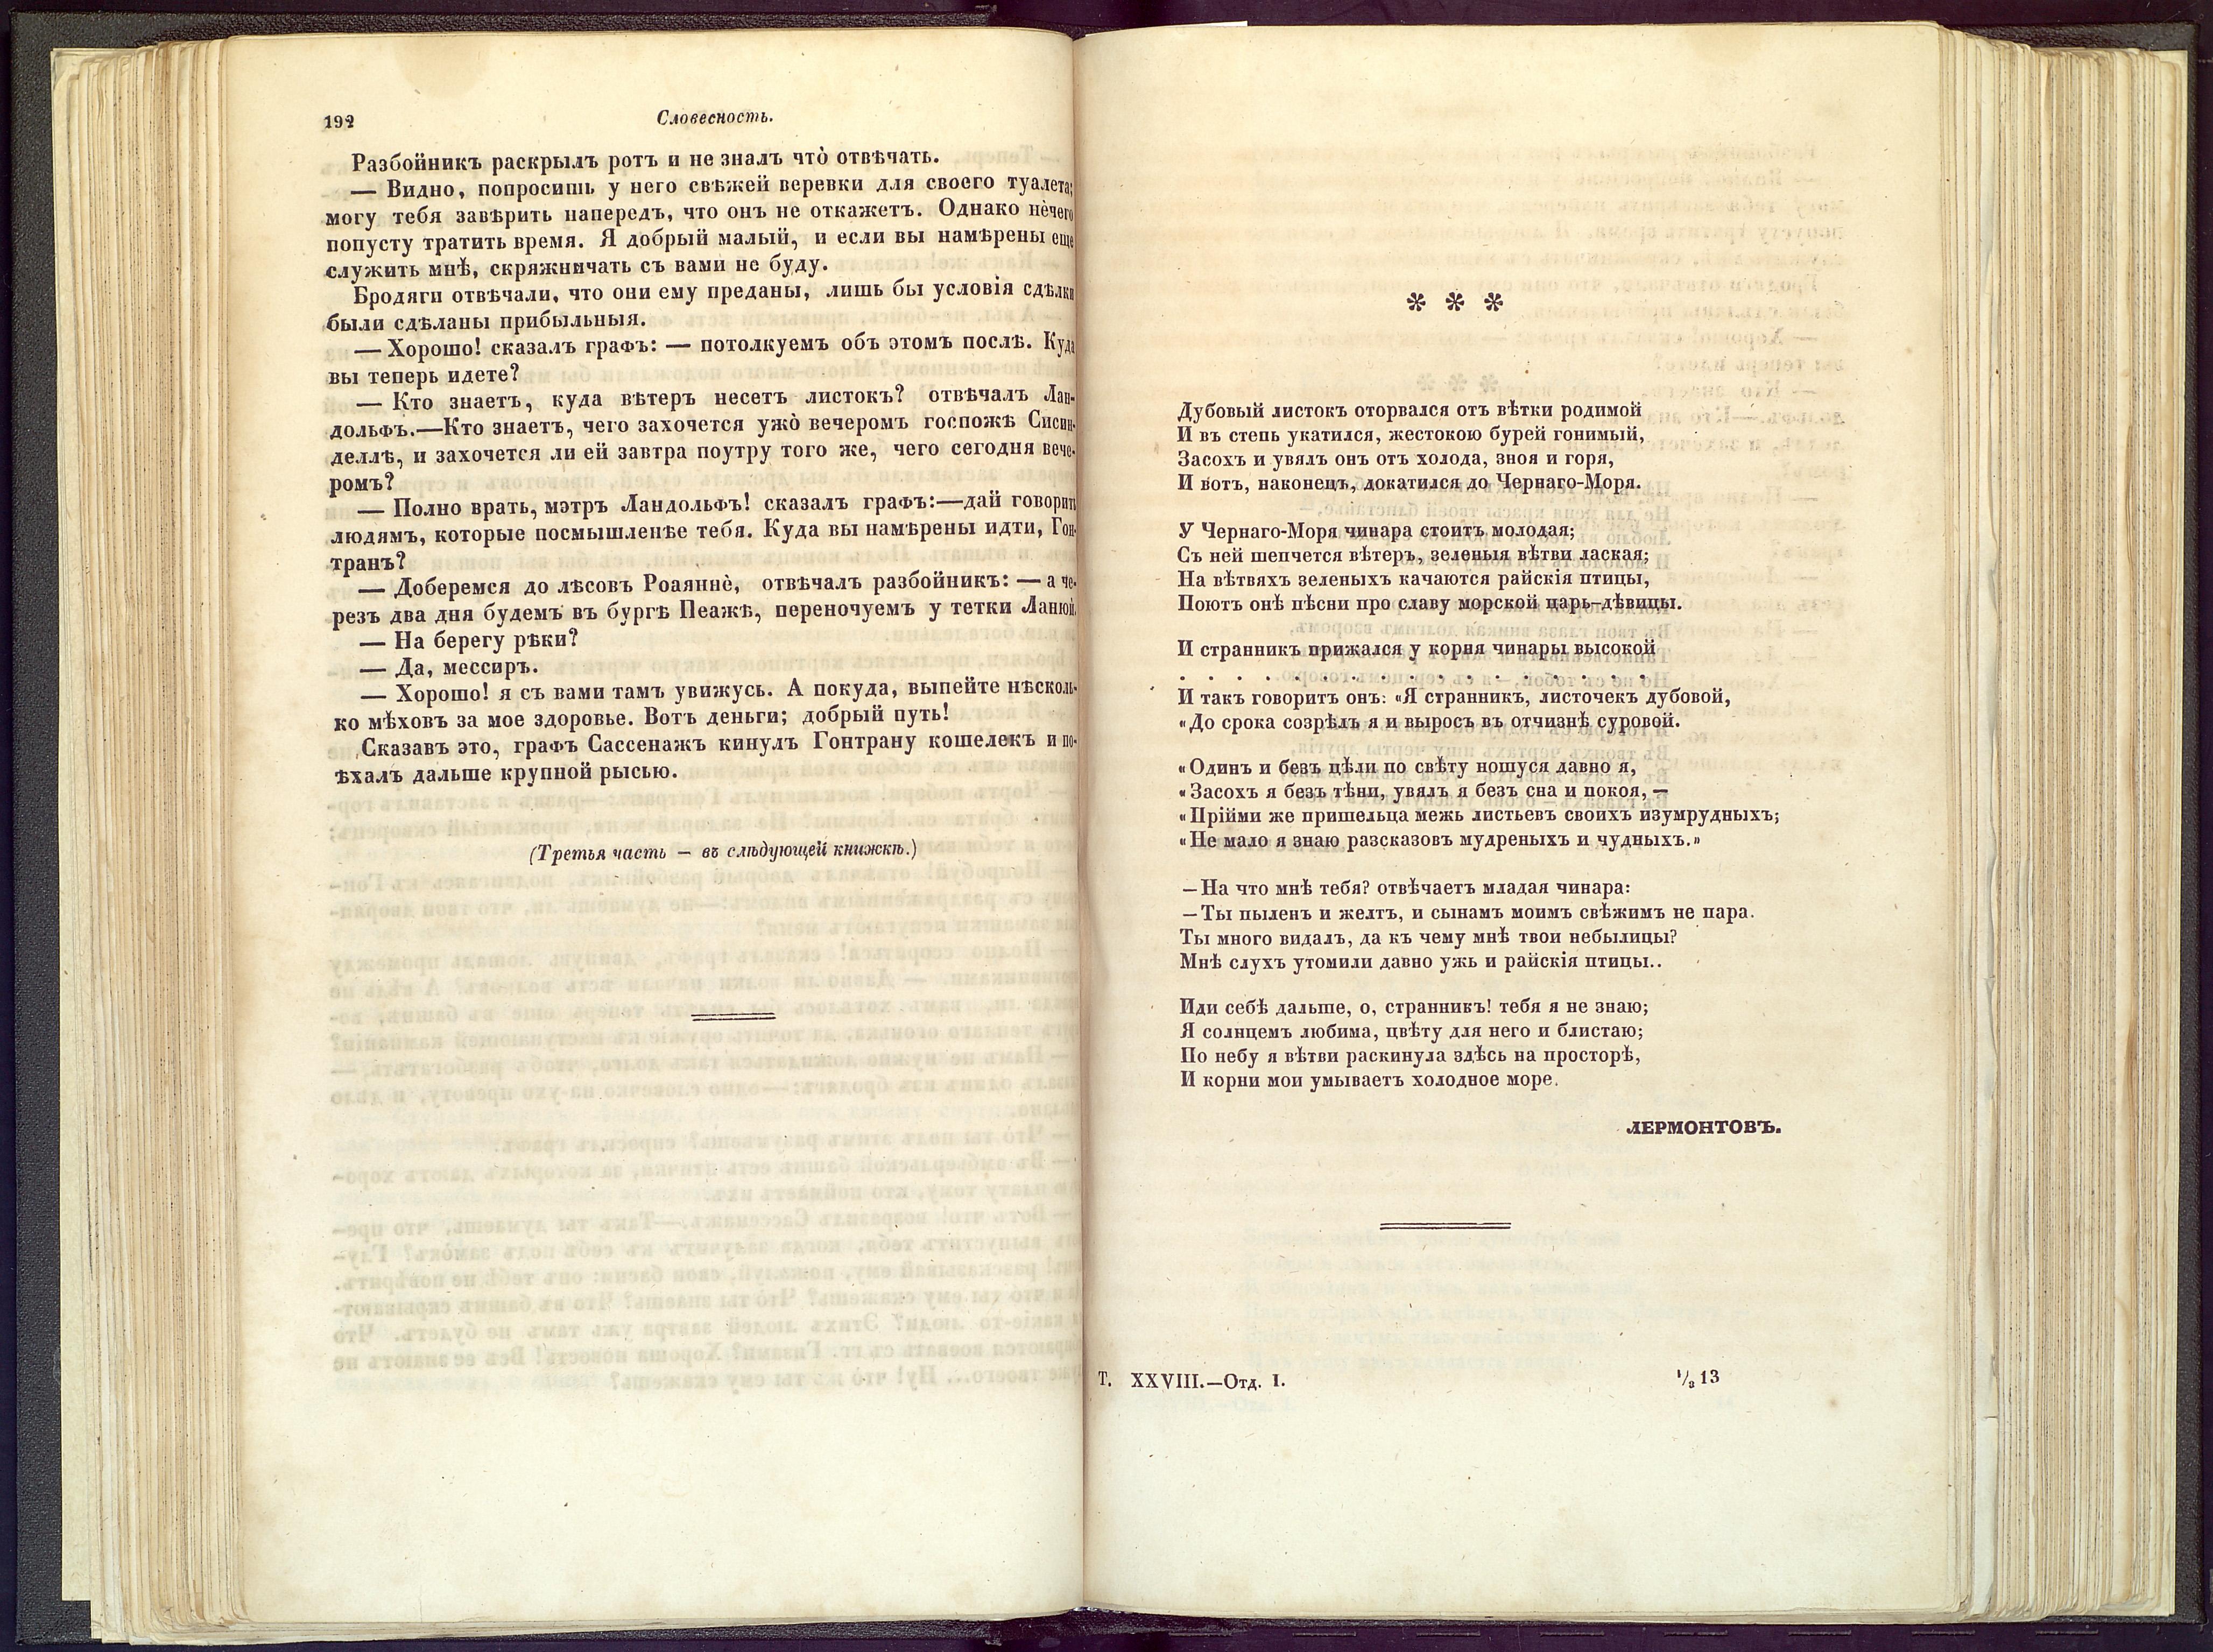 ЛОК-7554 ТАРХАНЫ КП-14180  Журнал Отечественные записки. Т. XXVIII._4